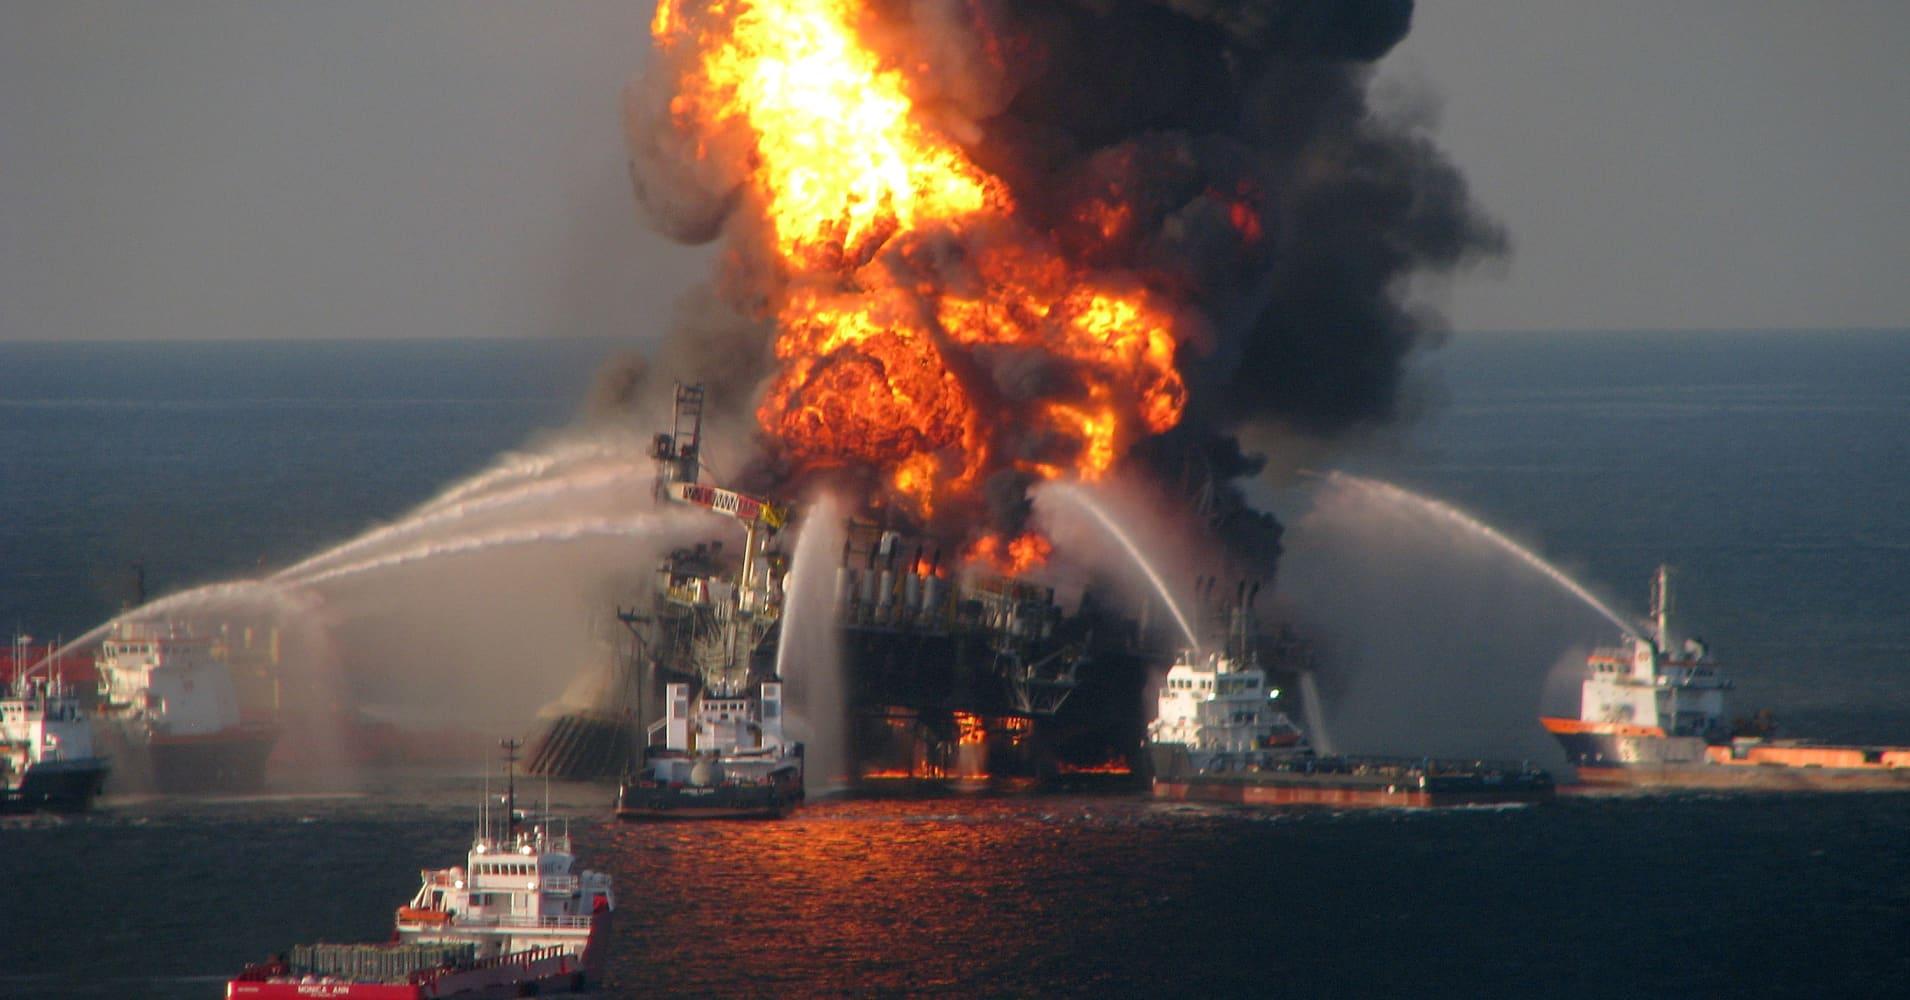 BP to take $1.7B Deepwater Horizon charge